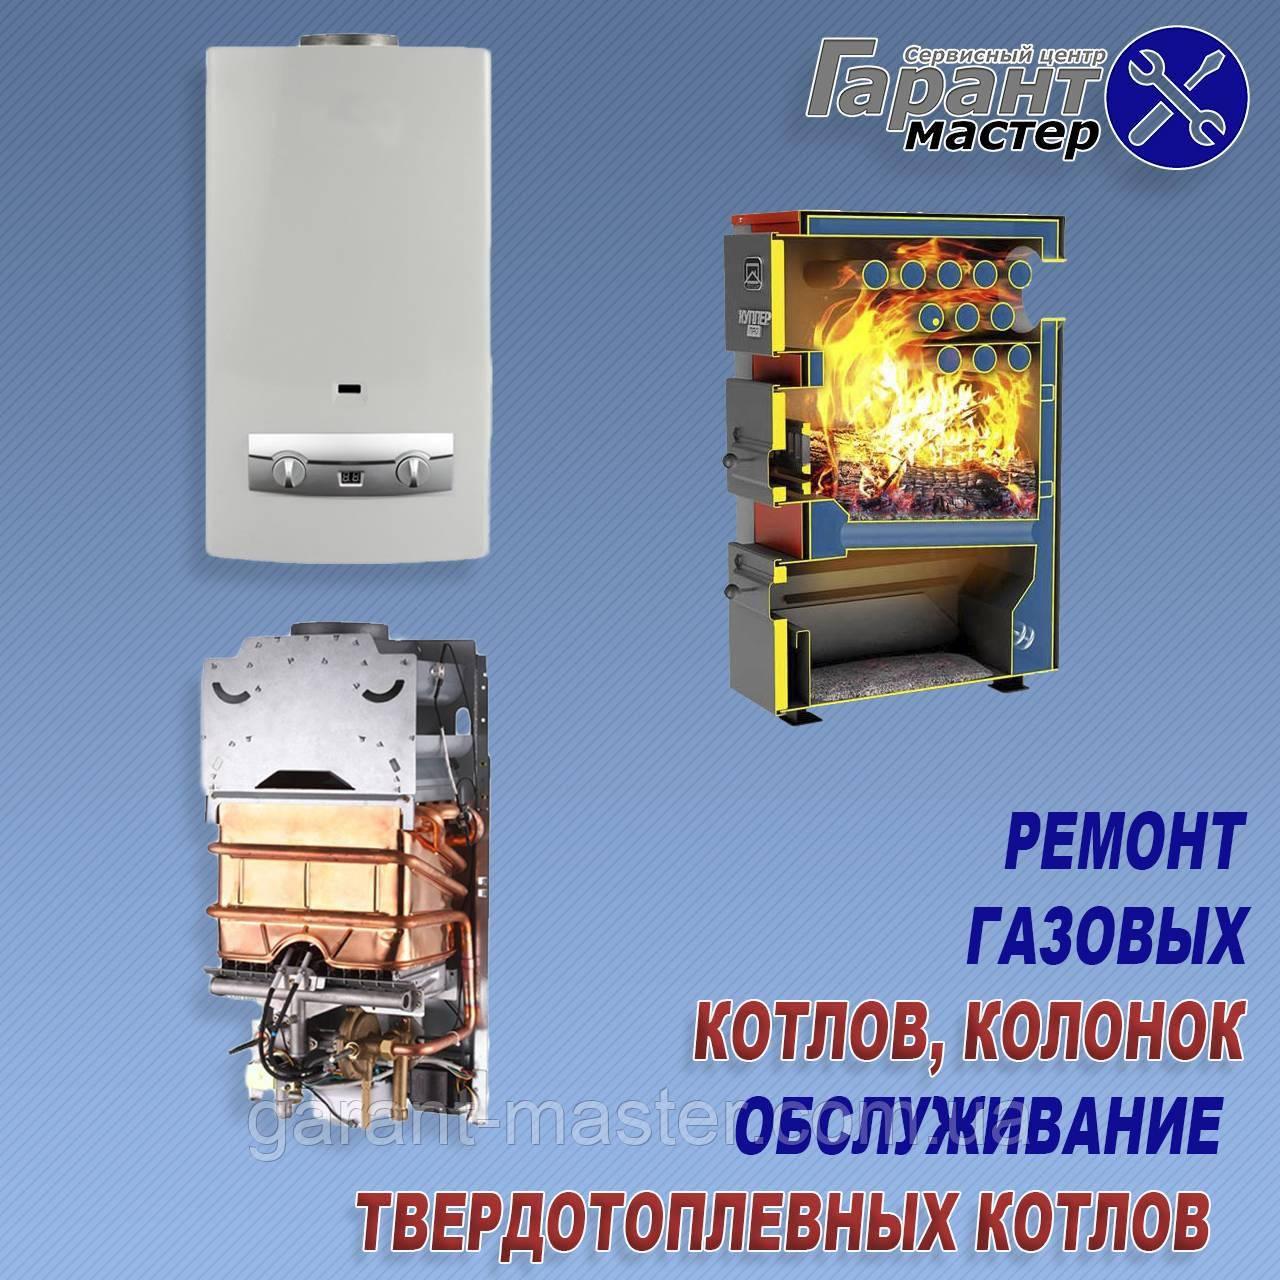 Техническое обслуживание газовых котлов на дому в Черновцах и области